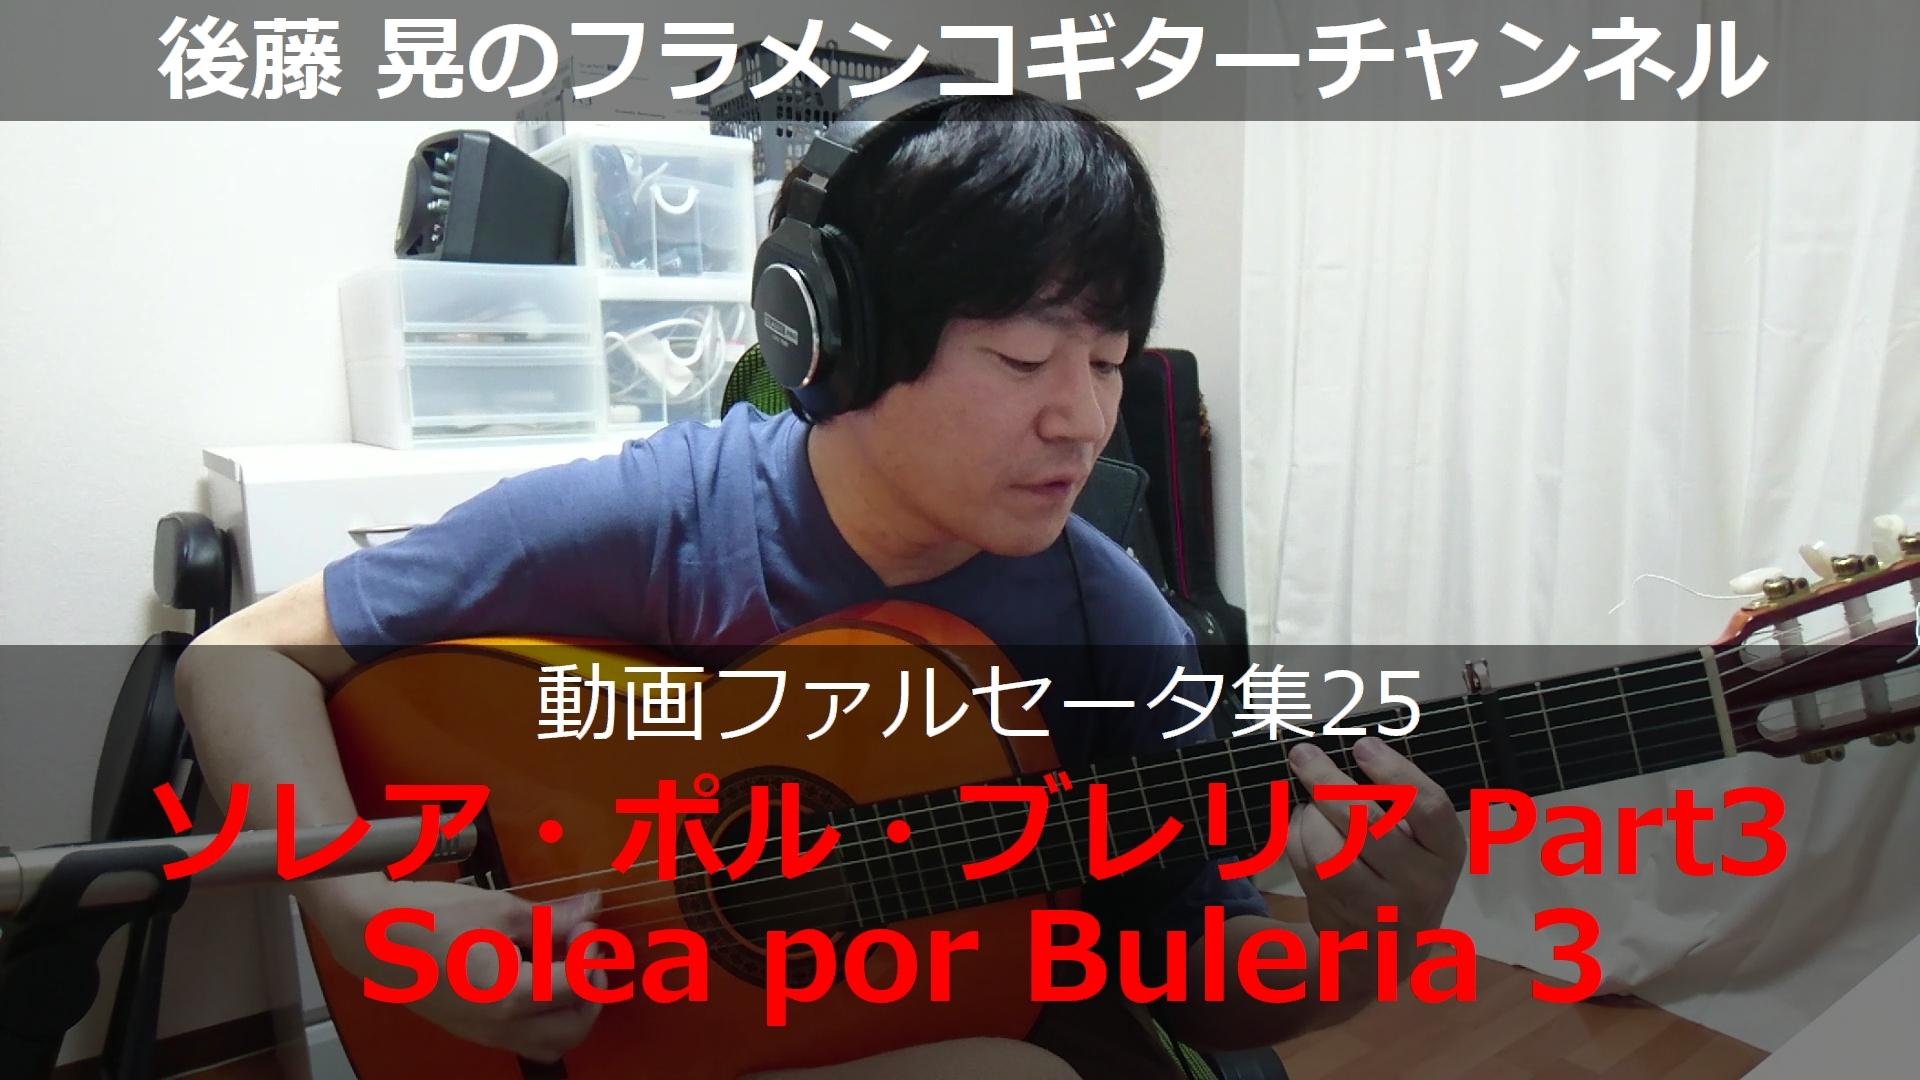 ソレア・ポル・ブレリア ギター演奏